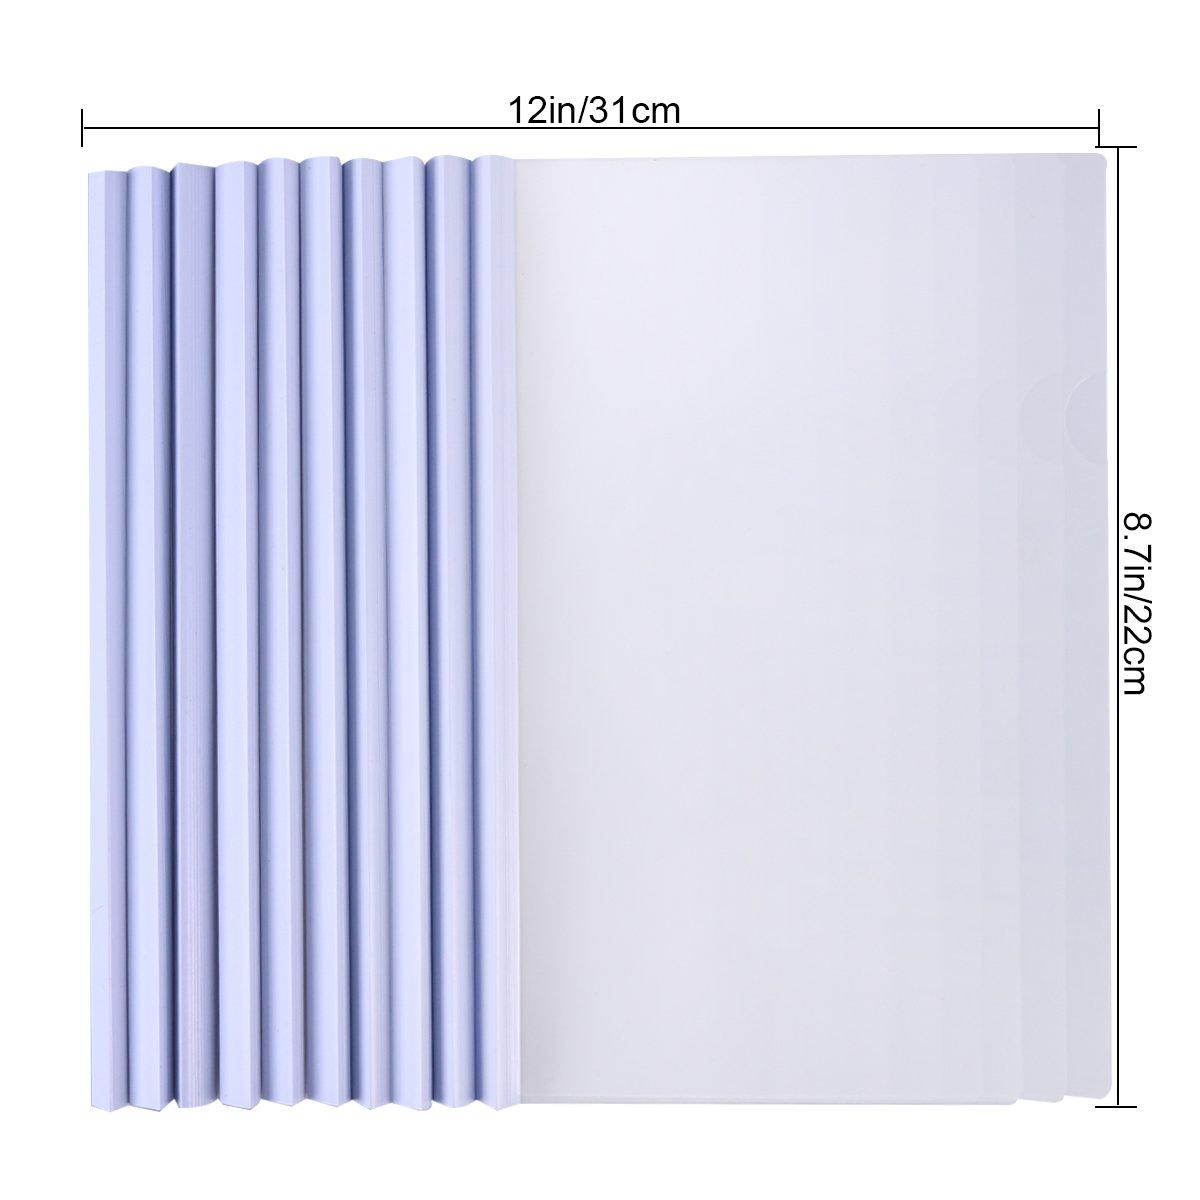 pezzi Toymytoy relazione coperture di plastica trasparente con scorrevole bar cartella di presentazione per carta formato A4